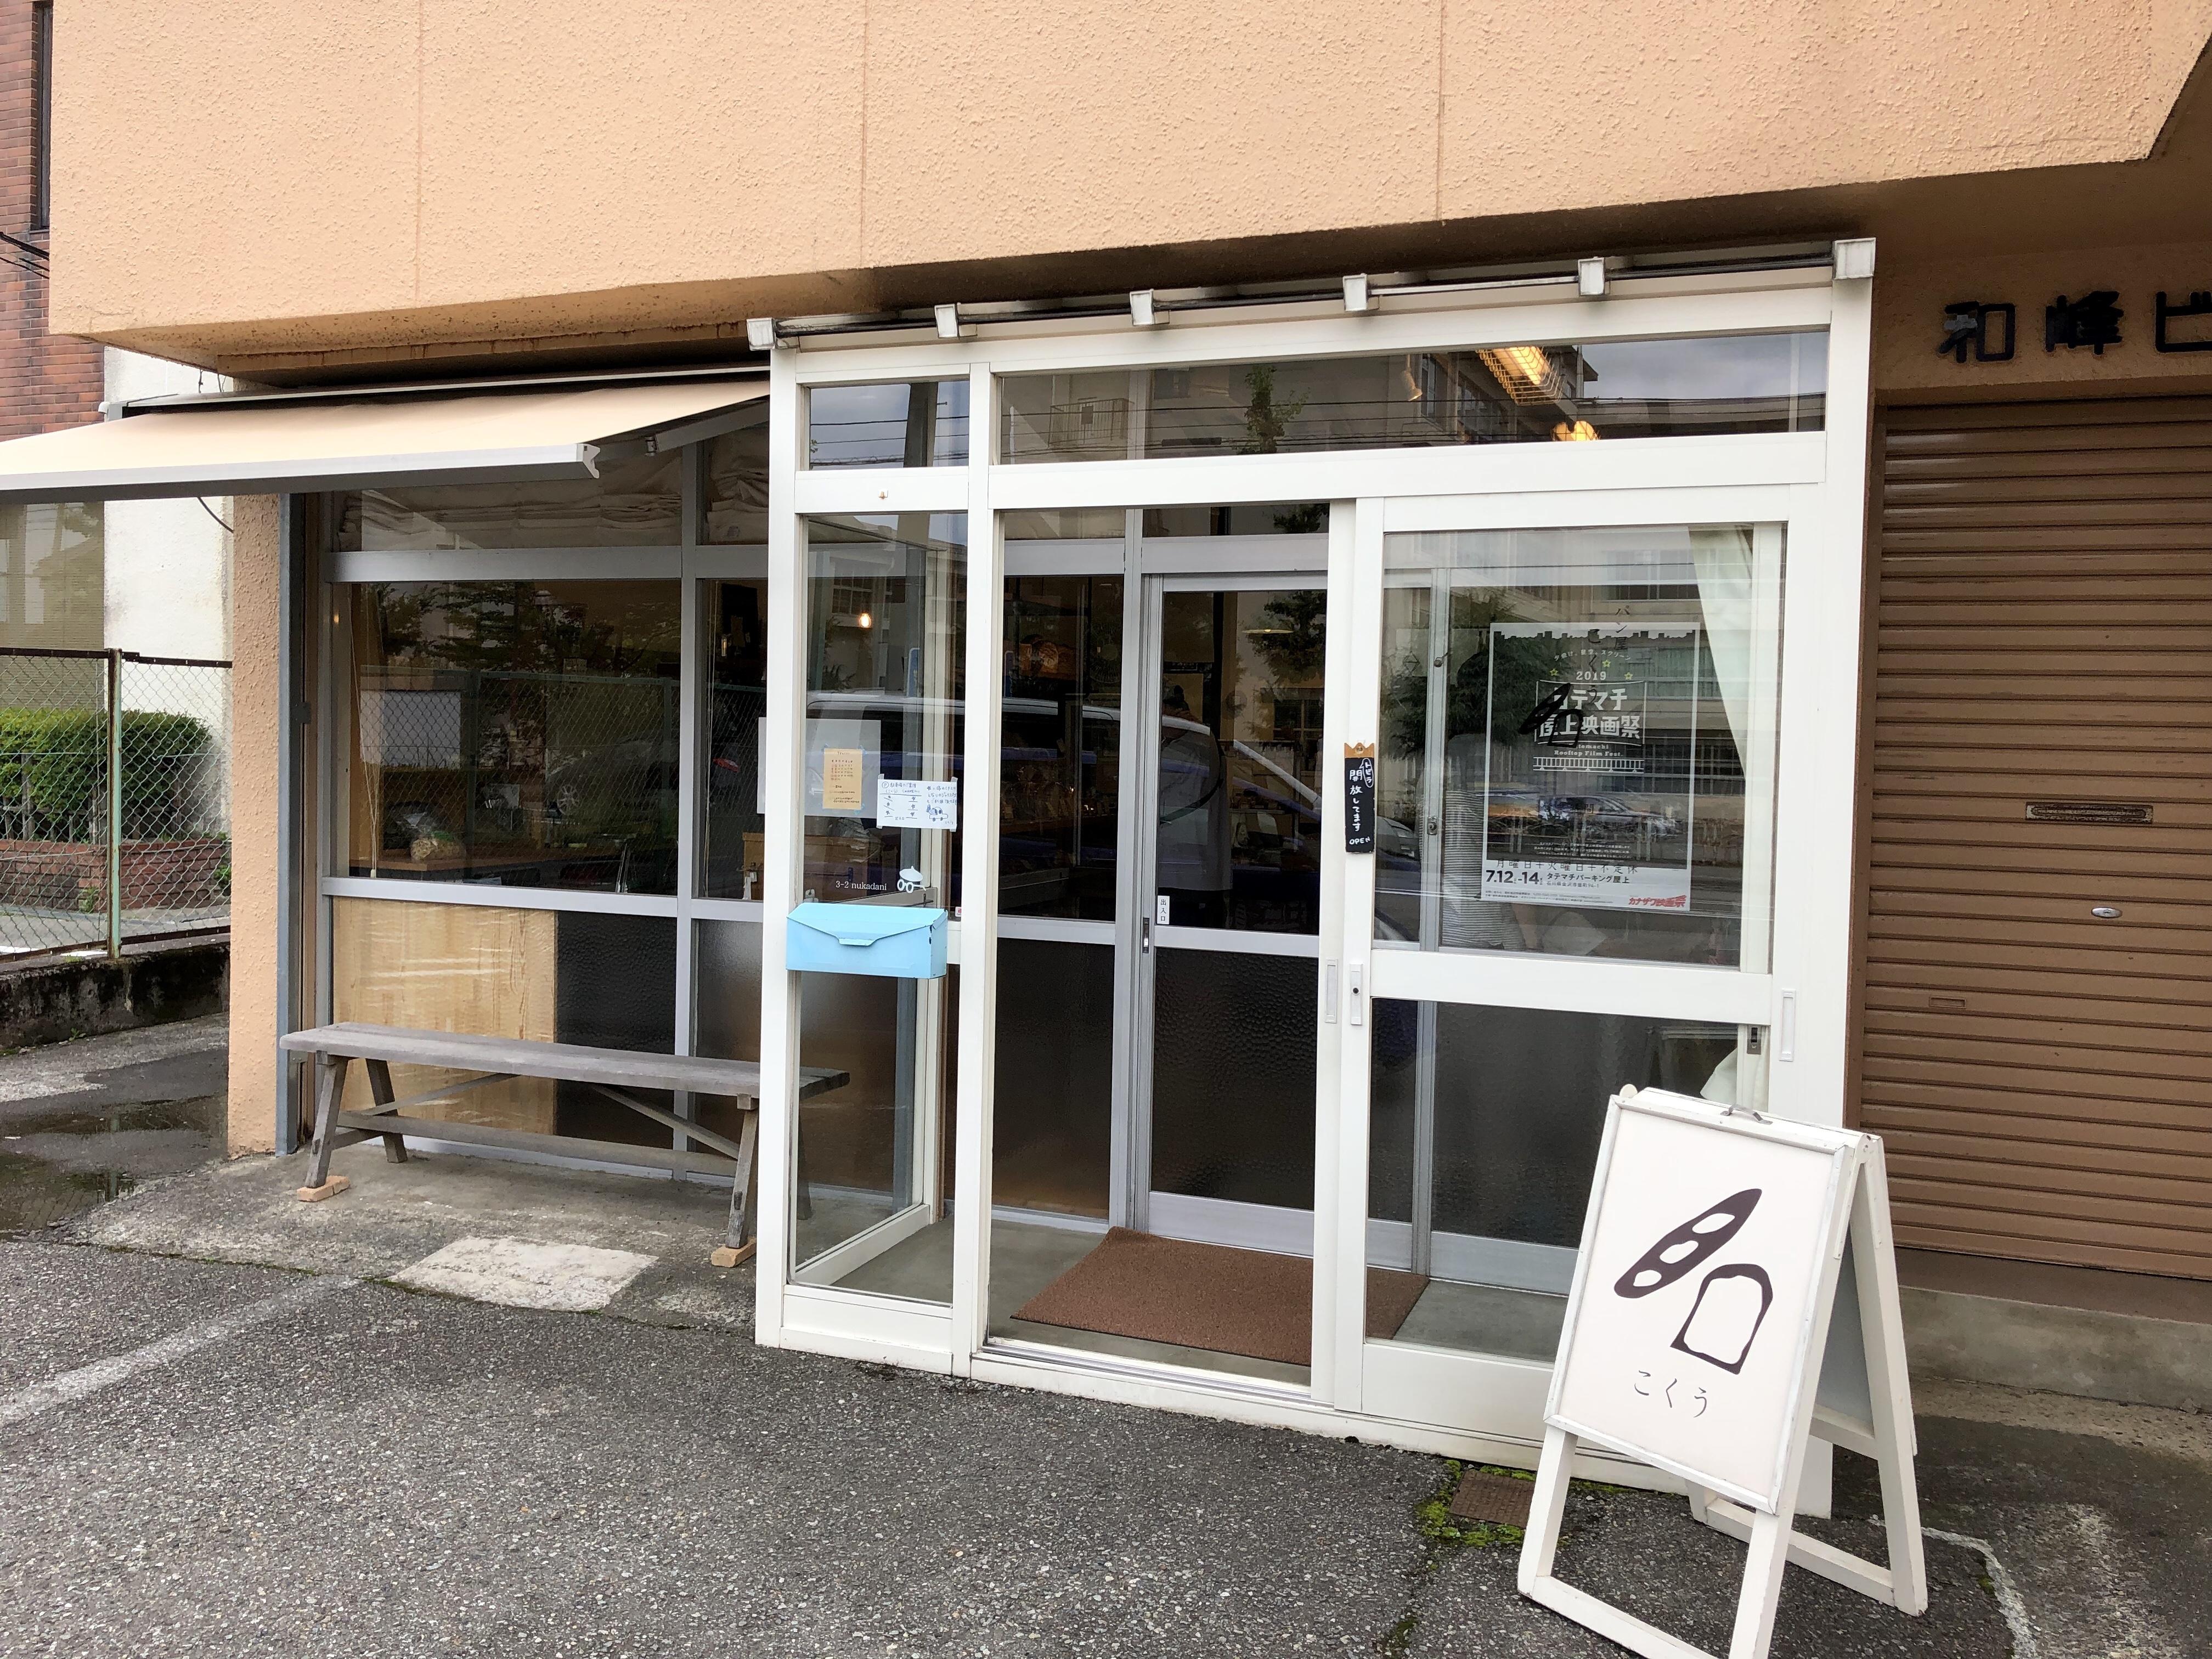 金沢市のおすすめのパン屋のこくう